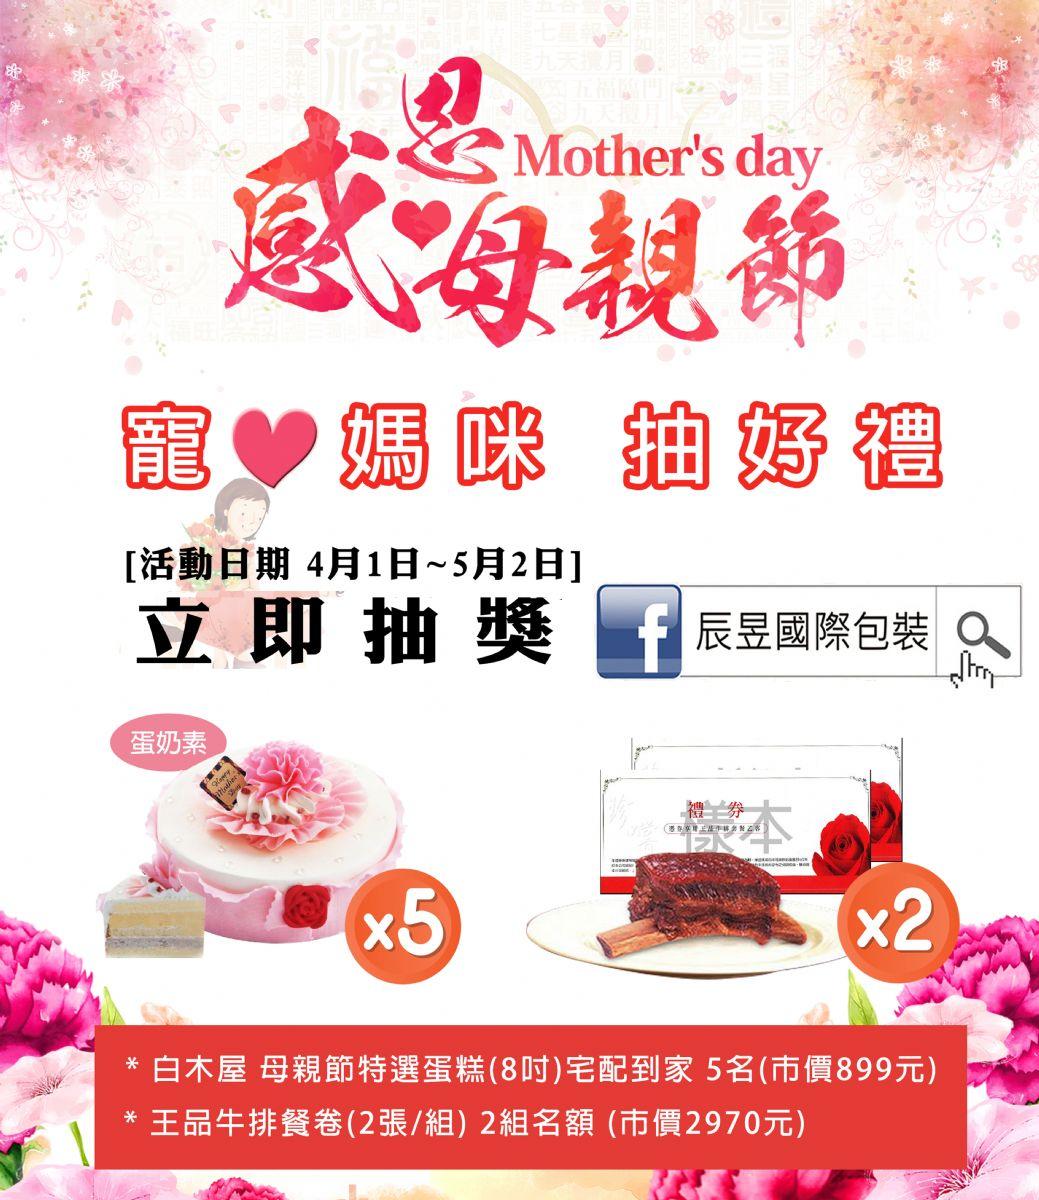 辰昱國際包裝 2017 母親節抽獎活動 – 辰昱國際包裝設計